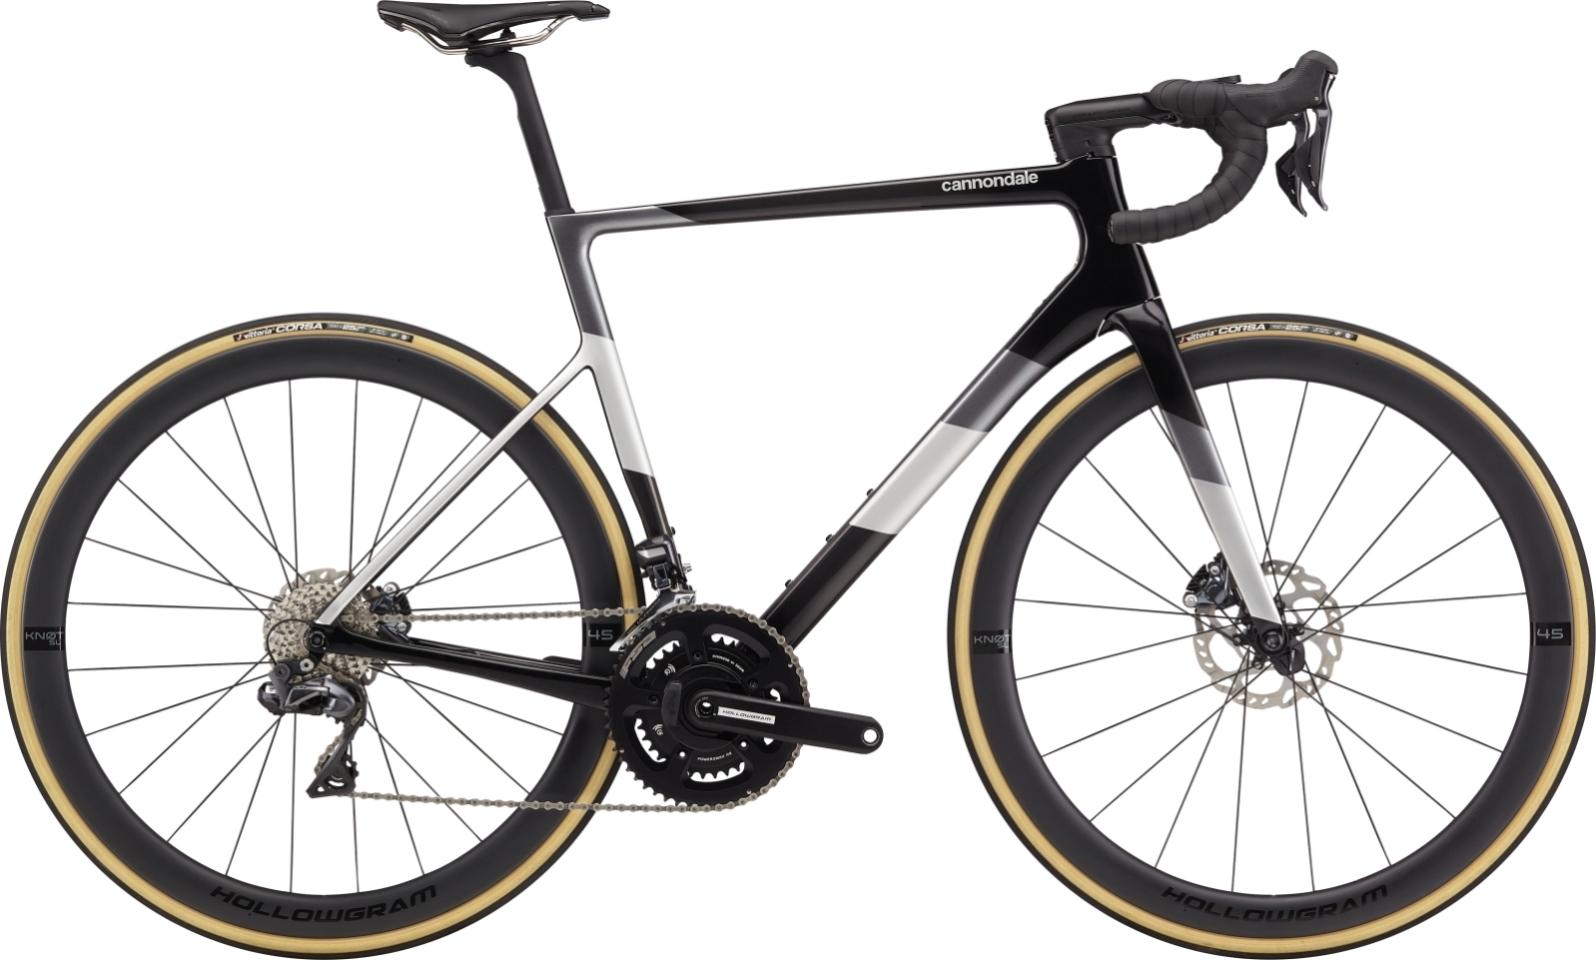 Cannondale Super Six Evo Hi-Mod Disc Ultegra Di2 országúti kerékpár - fekete - 51 cm (2020)